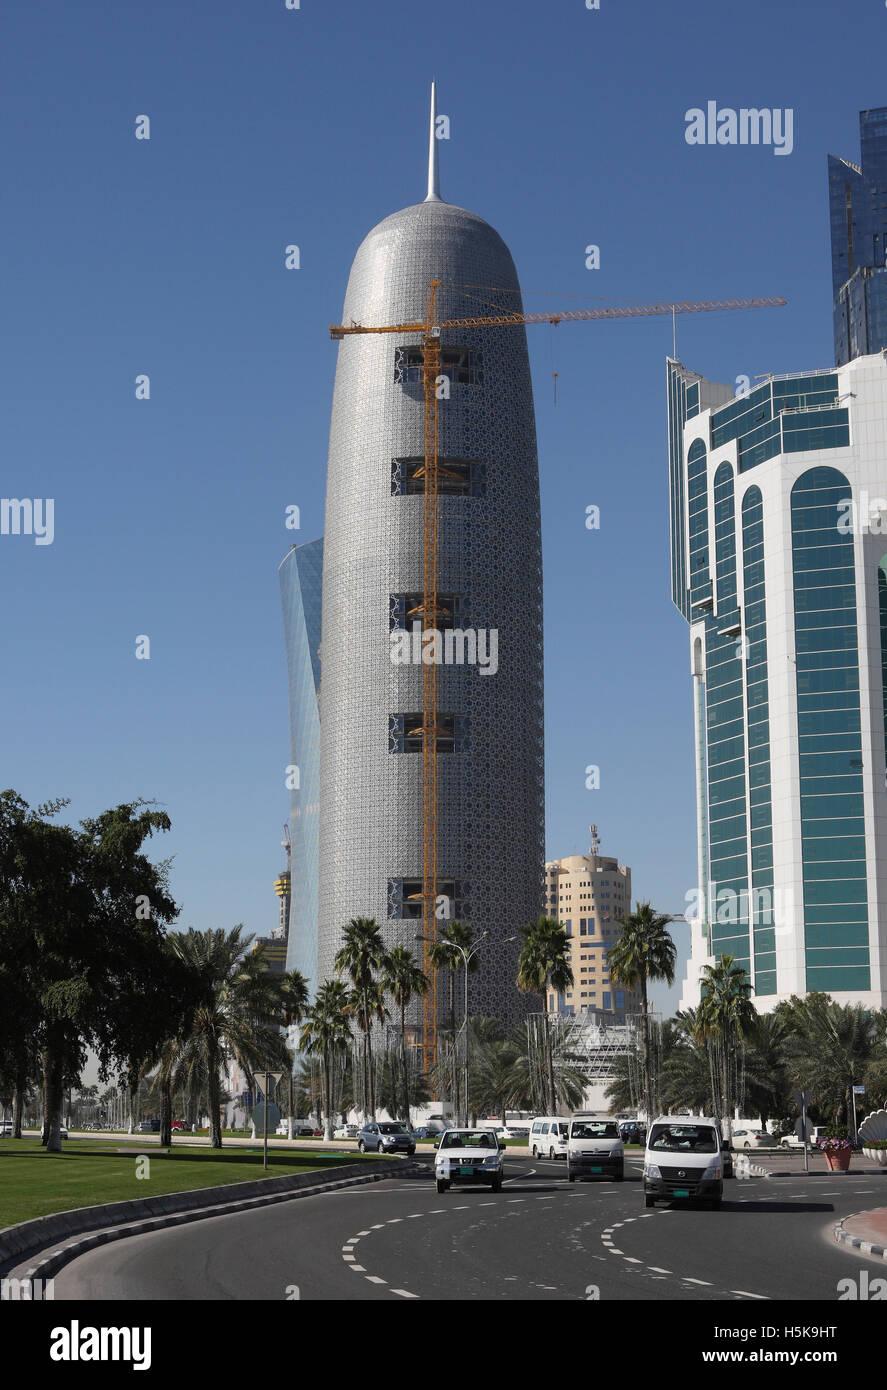 Lavorare In Qatar Architetto alto edificio sito in costruzione, architetto jean nouvel